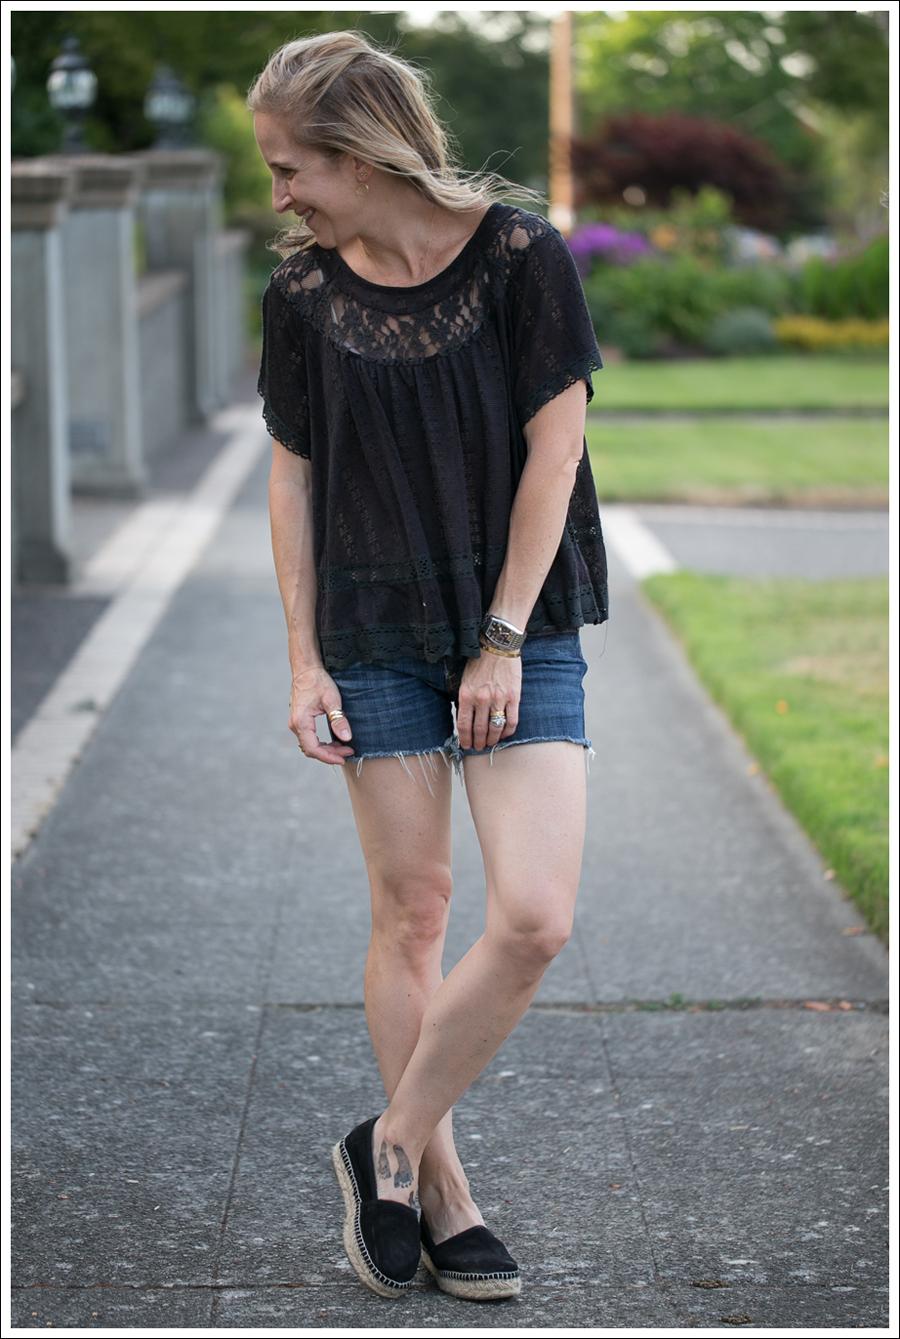 Blog Free People Dandelion Lace Pointelle Top COH DIY Cutoffs ShoeMint Christie Espadrilles-2